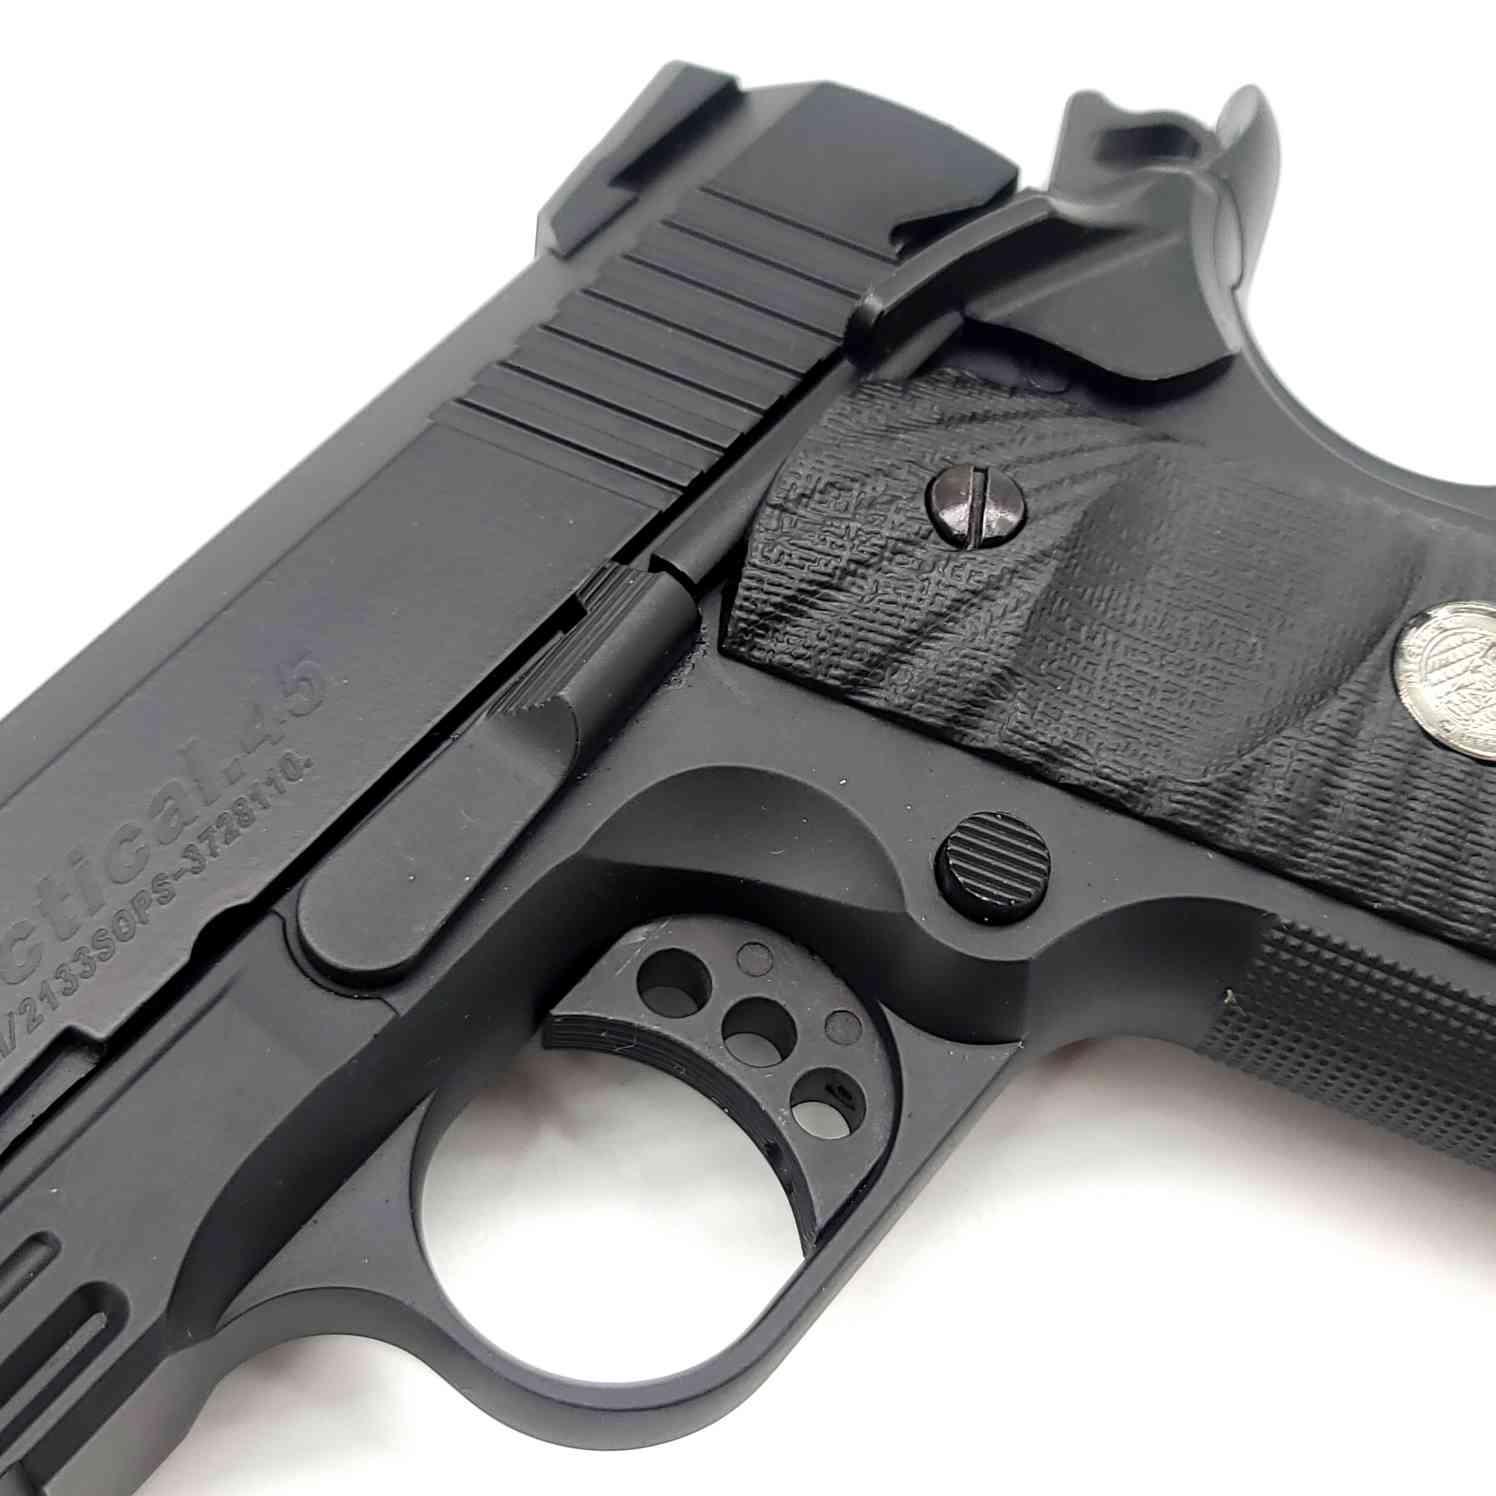 Golden Eagle 3326 OPS Tactical .45 Full Metal Gas Powered Gel Blaster Hi-Capa v4.3